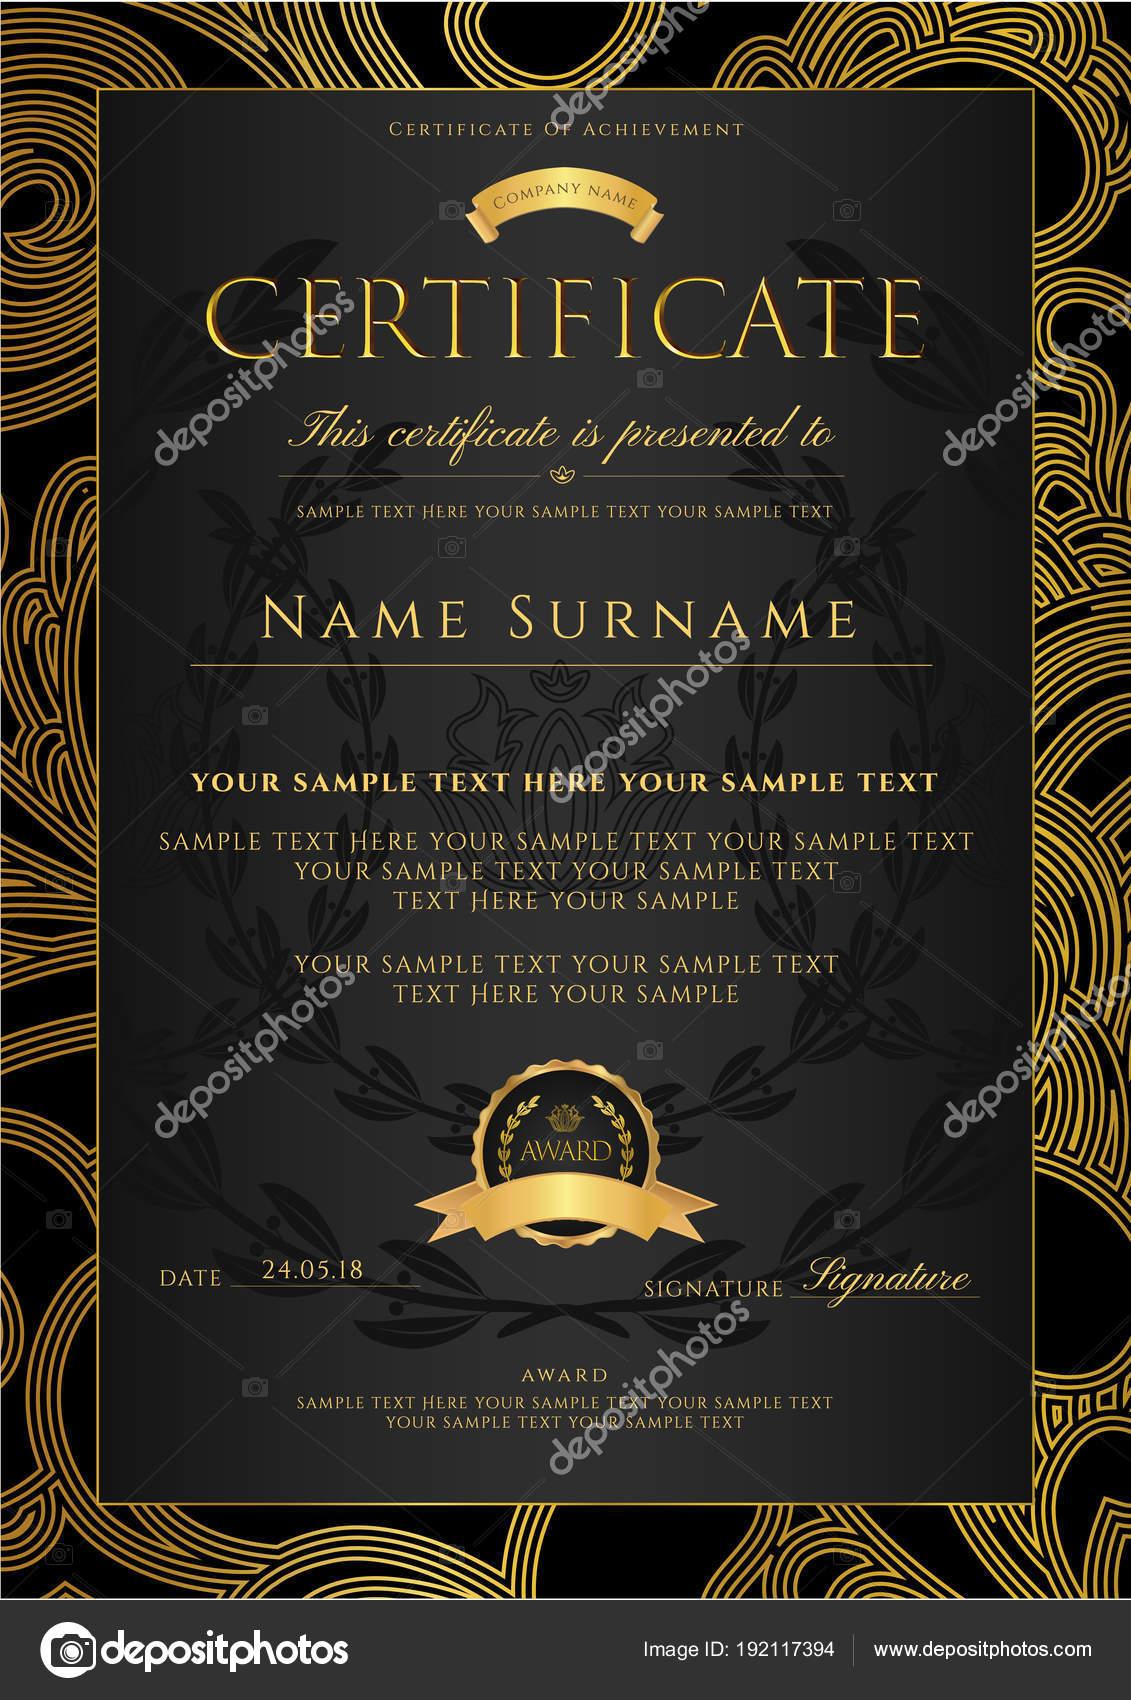 Zertifikat Diplom Goldene Design Vorlage Bunten Hintergrund Mit ...